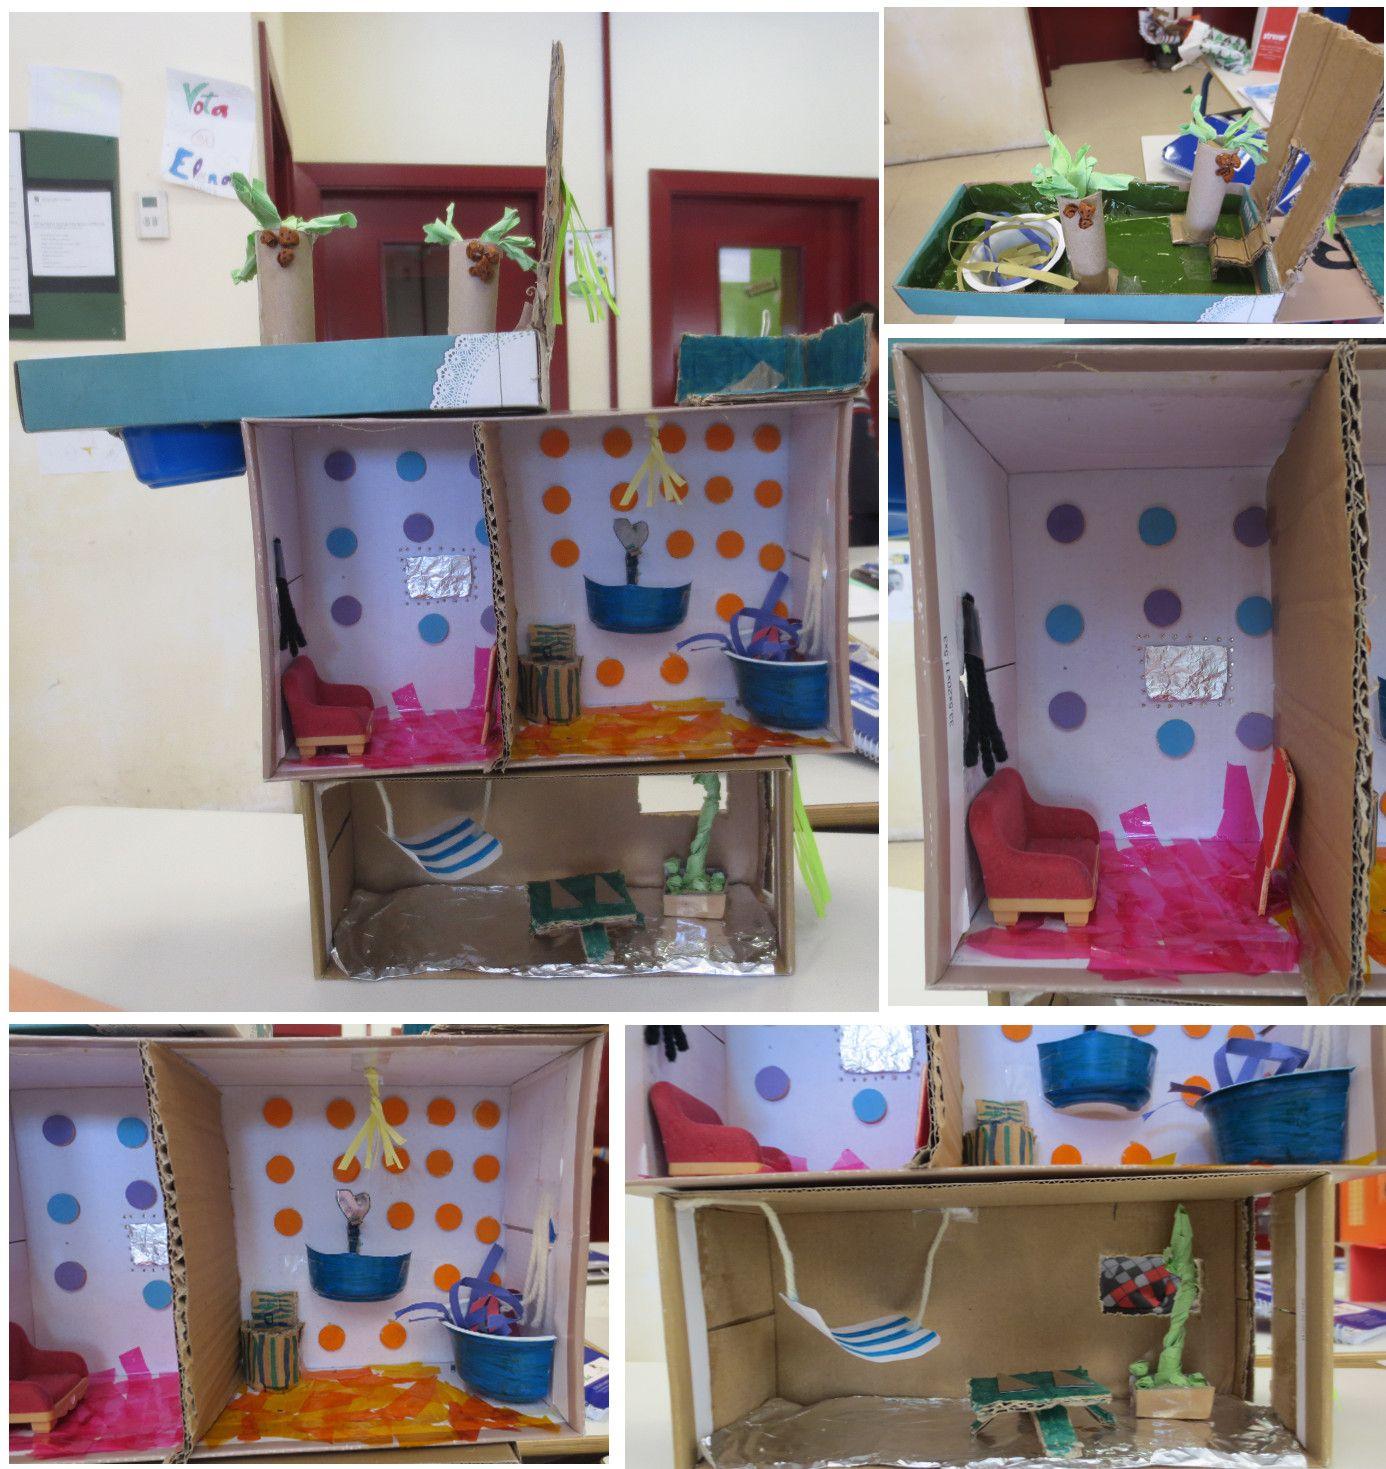 Diseno De Casa Nº1 Trabajo En Equipo Realizado Con Material Reciclable Colegio Alameda De Osuna 5º De Ep Proyectos Disenos De Unas Materiales Reciclados